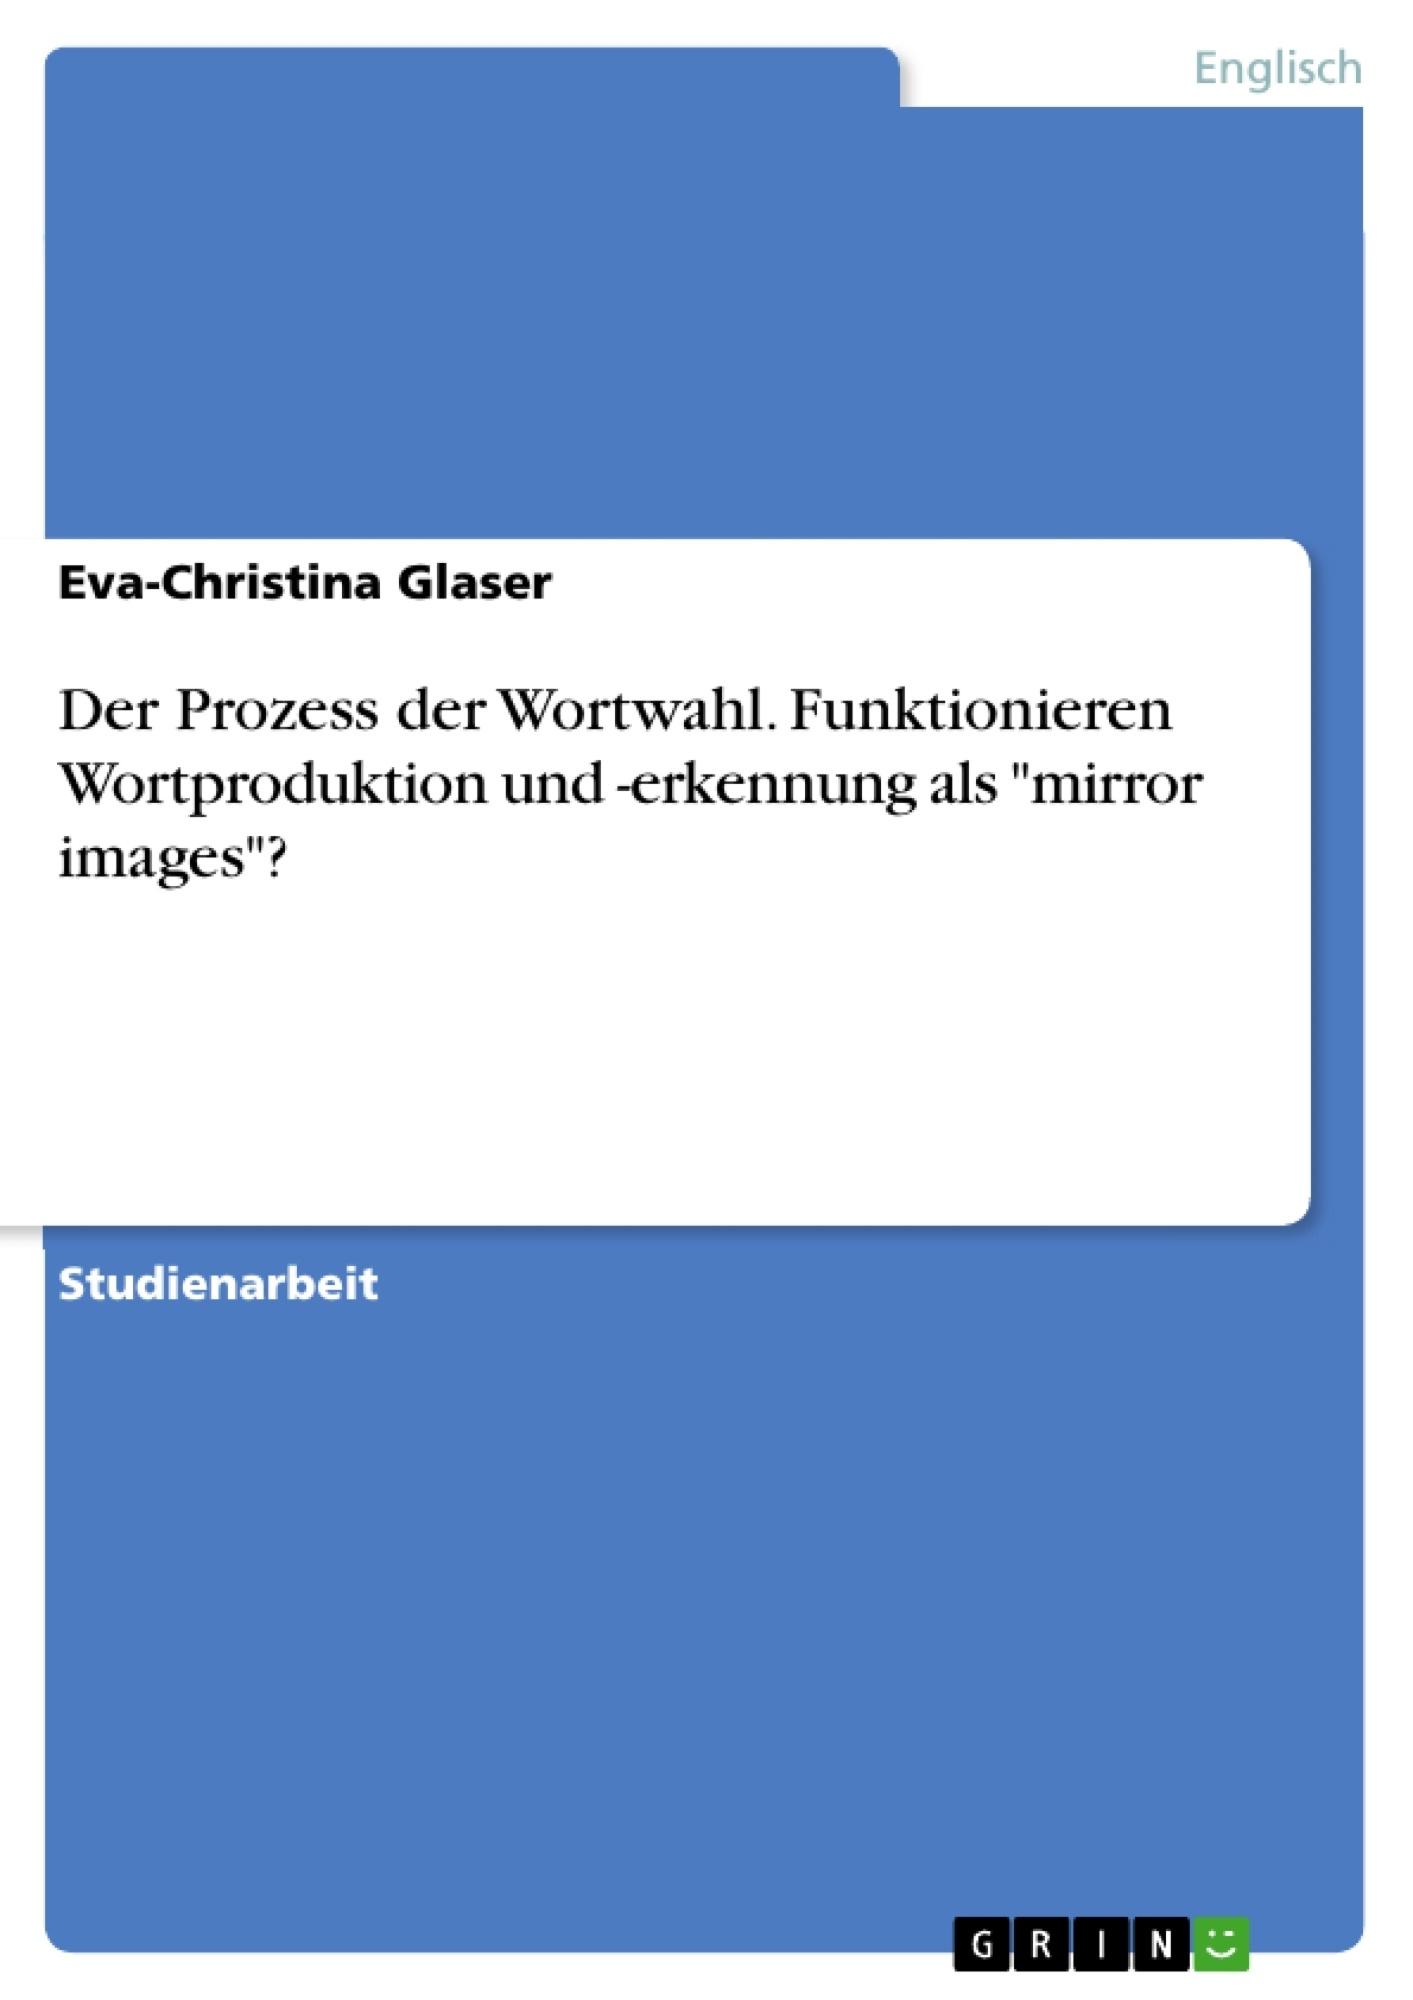 """Titel: Der Prozess der Wortwahl. Funktionieren Wortproduktion und -erkennung als """"mirror images""""?"""